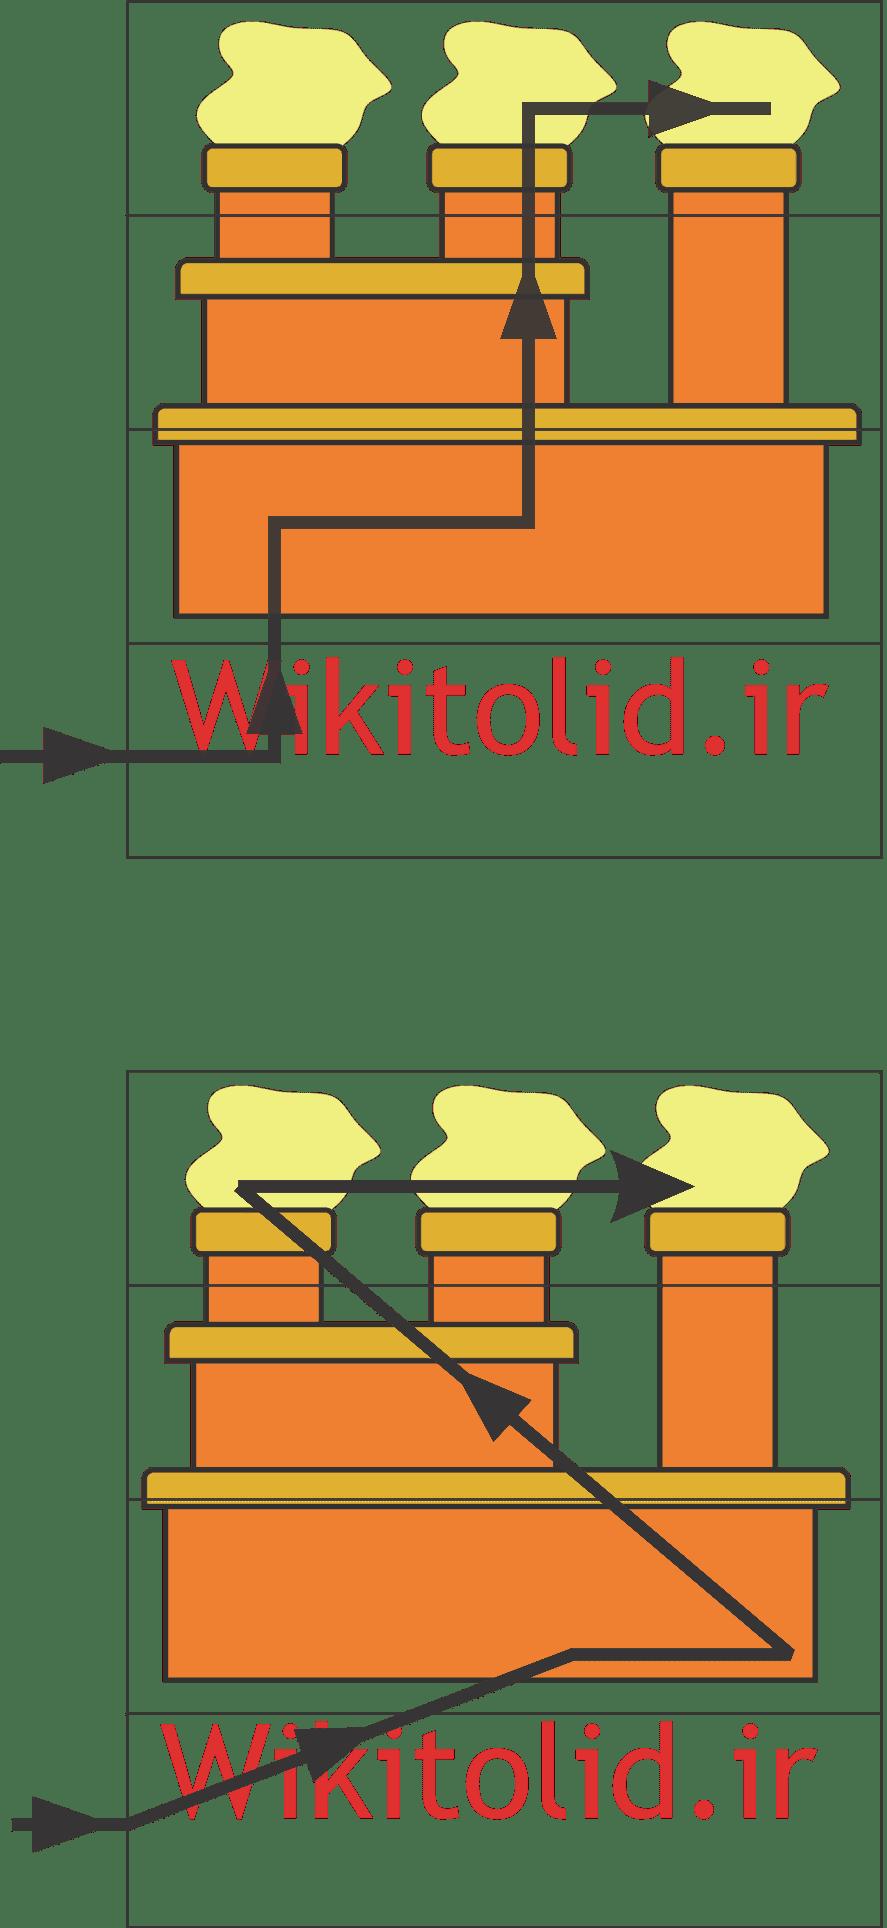 جریانهای عمودی (Vertical) و شیب دار (Inclined) مواد